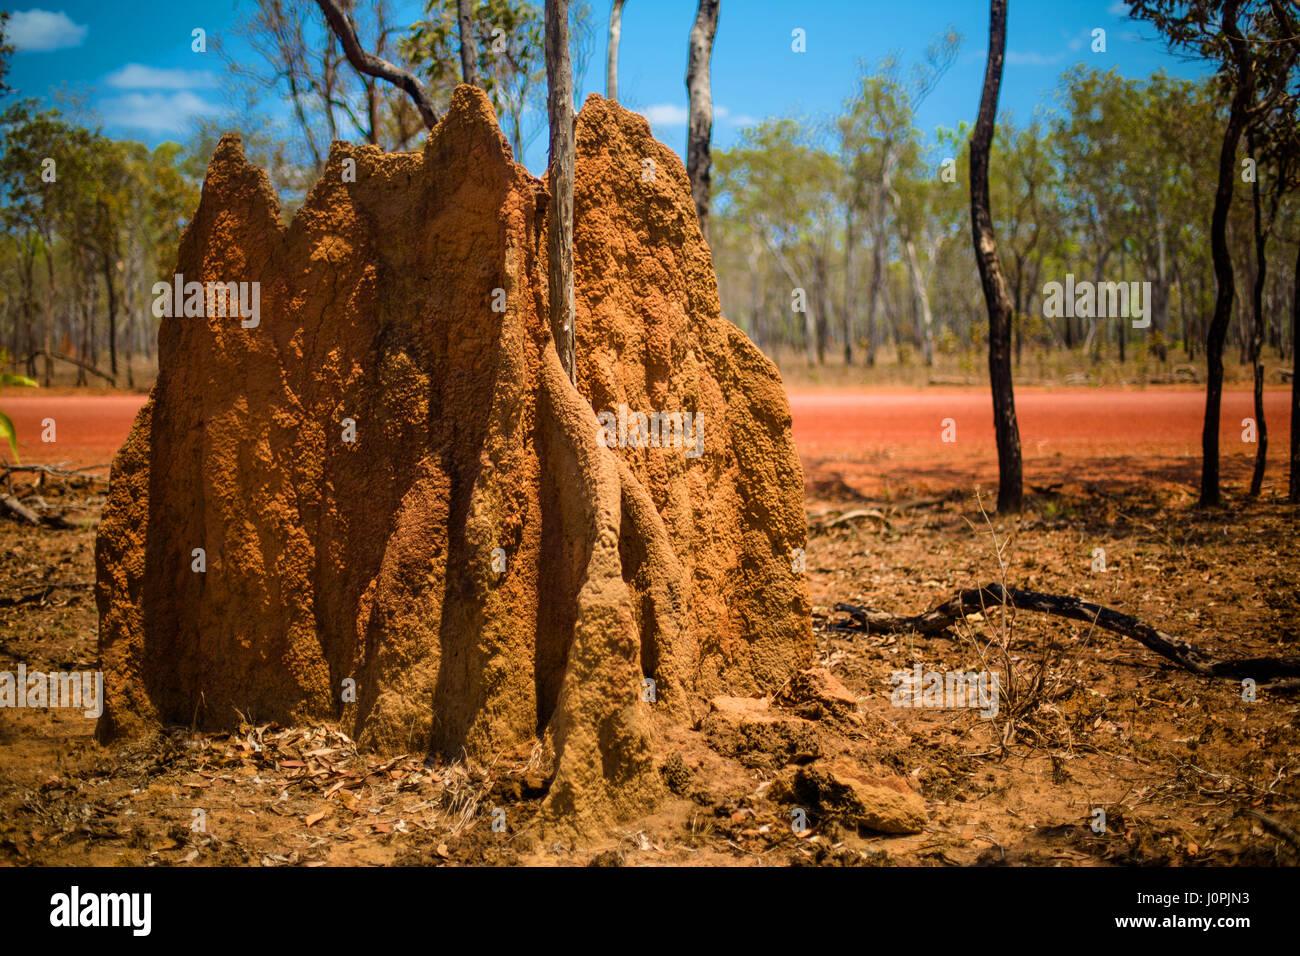 Ein 2 m hohes termite Damm durch eine unbefestigte Straße, Far North Queensland Stockbild